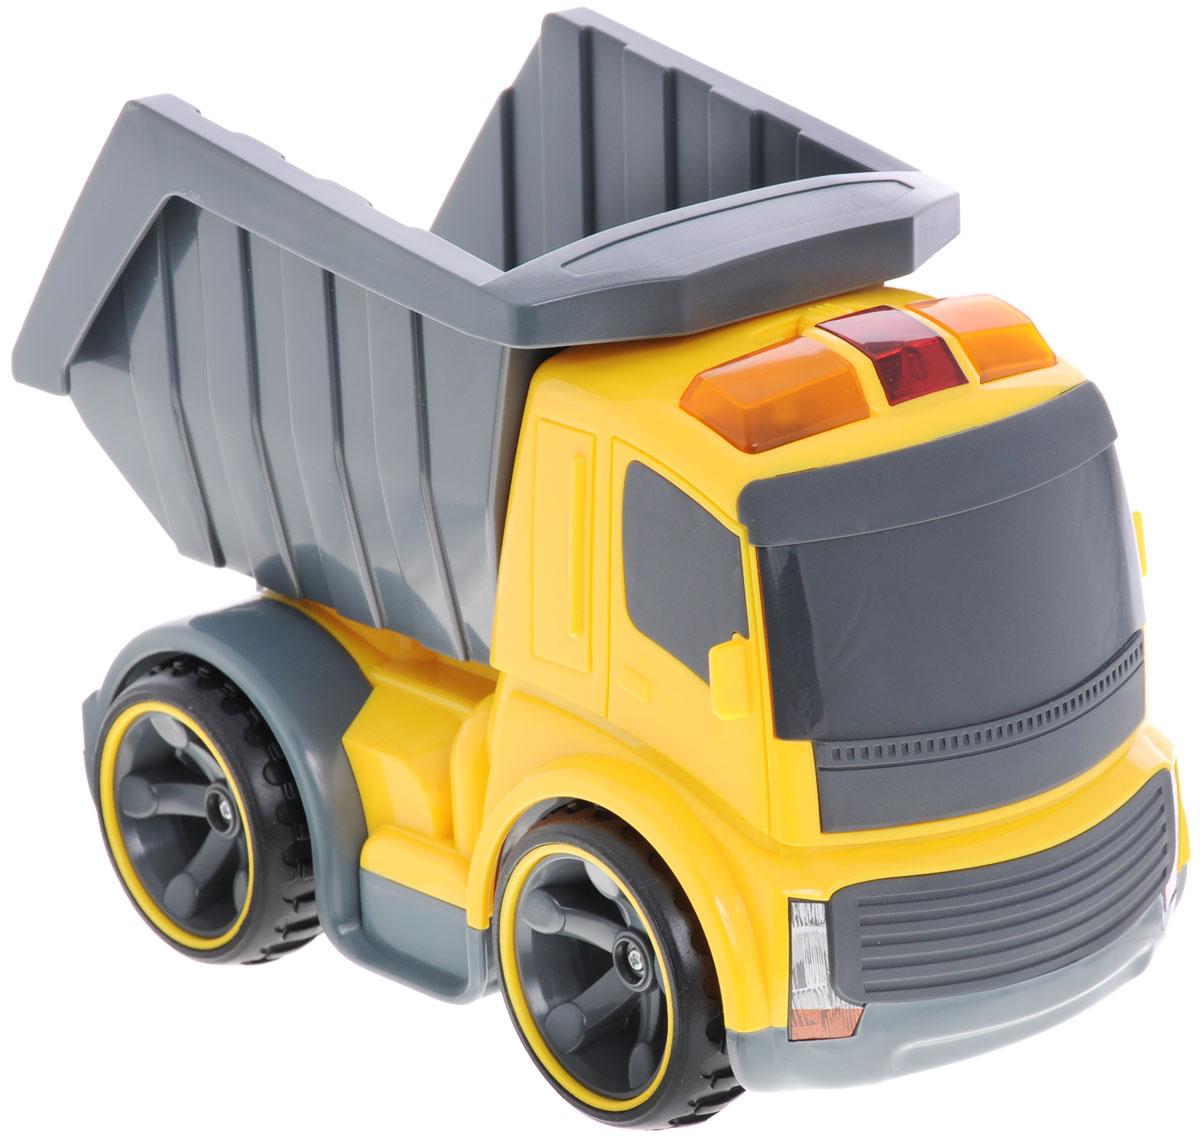 Самосвал на инфракрасном управлении Silverlit - это строительный грузовик-самосвал инновационной серии Power in Fun. Полнофункциональное управление - вперед-назад, влево-вправо, пропорциональное точное управление скоростью, реалистичные звуковые эффекты, световые эффекты - горят сигнальные фонари на кабине грузовика. Оригинальный пульт управления - в виде рации. И еще одна особенность - с одного пульта можно управлять различными строительными машинами серии Power in Fun: кроме грузовика, еще бульдозером или тягачом. У самосвала поднимается и опускается кузов (вручную). На пульте управления: кнопки управления звуковыми эффектами - мотор и сигнал, световыми эффектами - сигнальные огни на кабине, рычажки управления движением транспортного средства, переключатель выбора управляемого транспортного средства. Порадуйте своего малыша таким замечательным подарком! Для работы игрушки необходимы 3 батарейки типа АА (не входят в комплект). Для работы пульта управления...